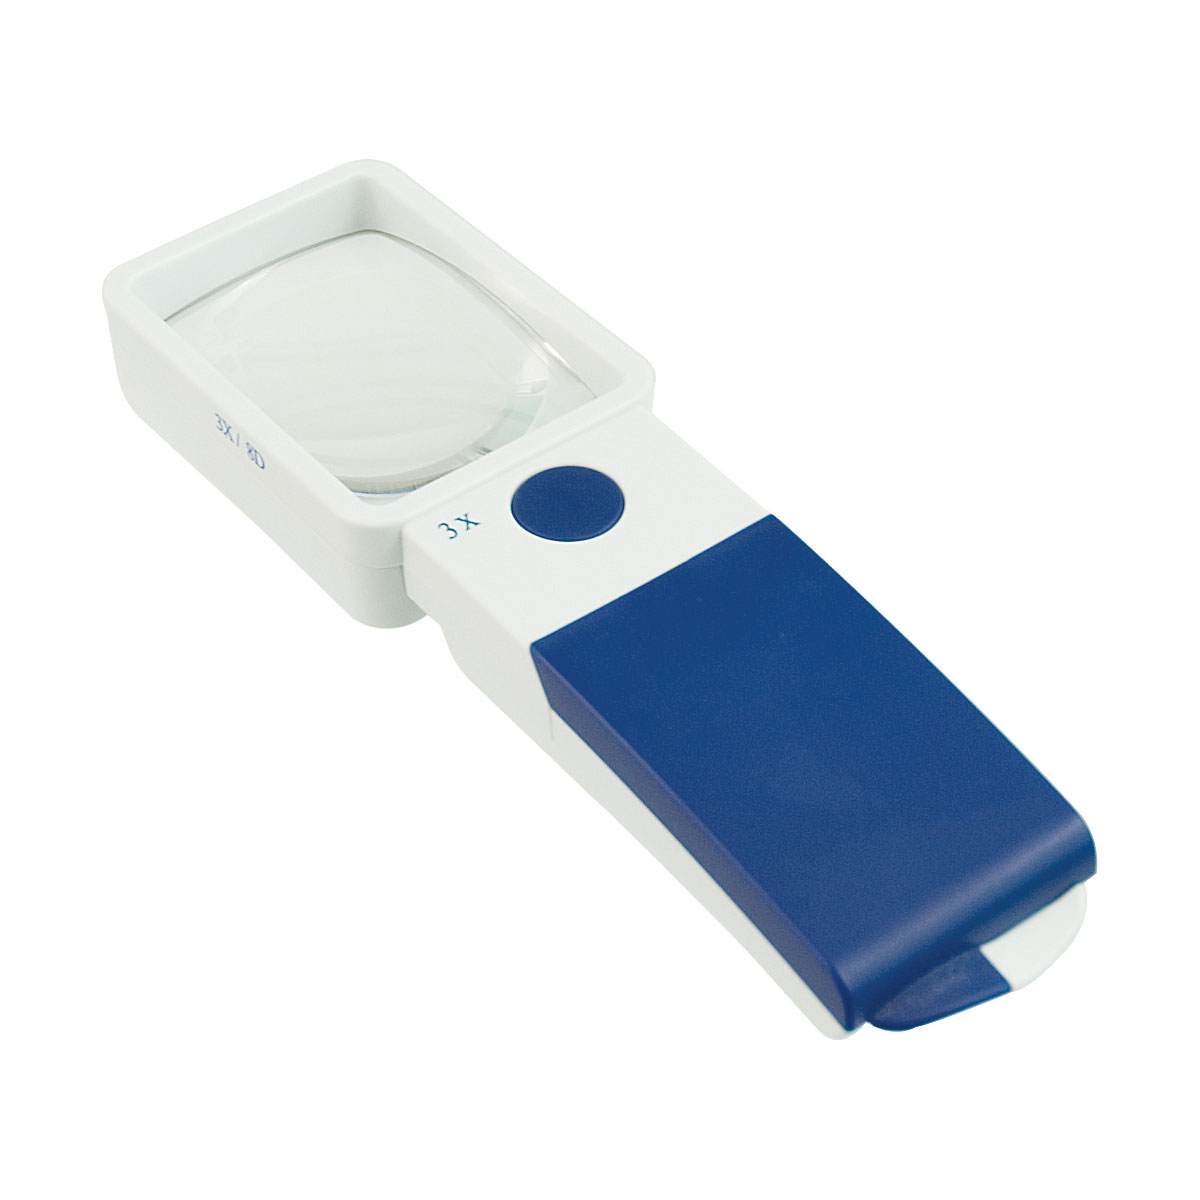 Reizen EZ Touch 3X 8D LED Handheld Magnifier - Rectangle Lens 50x75mm